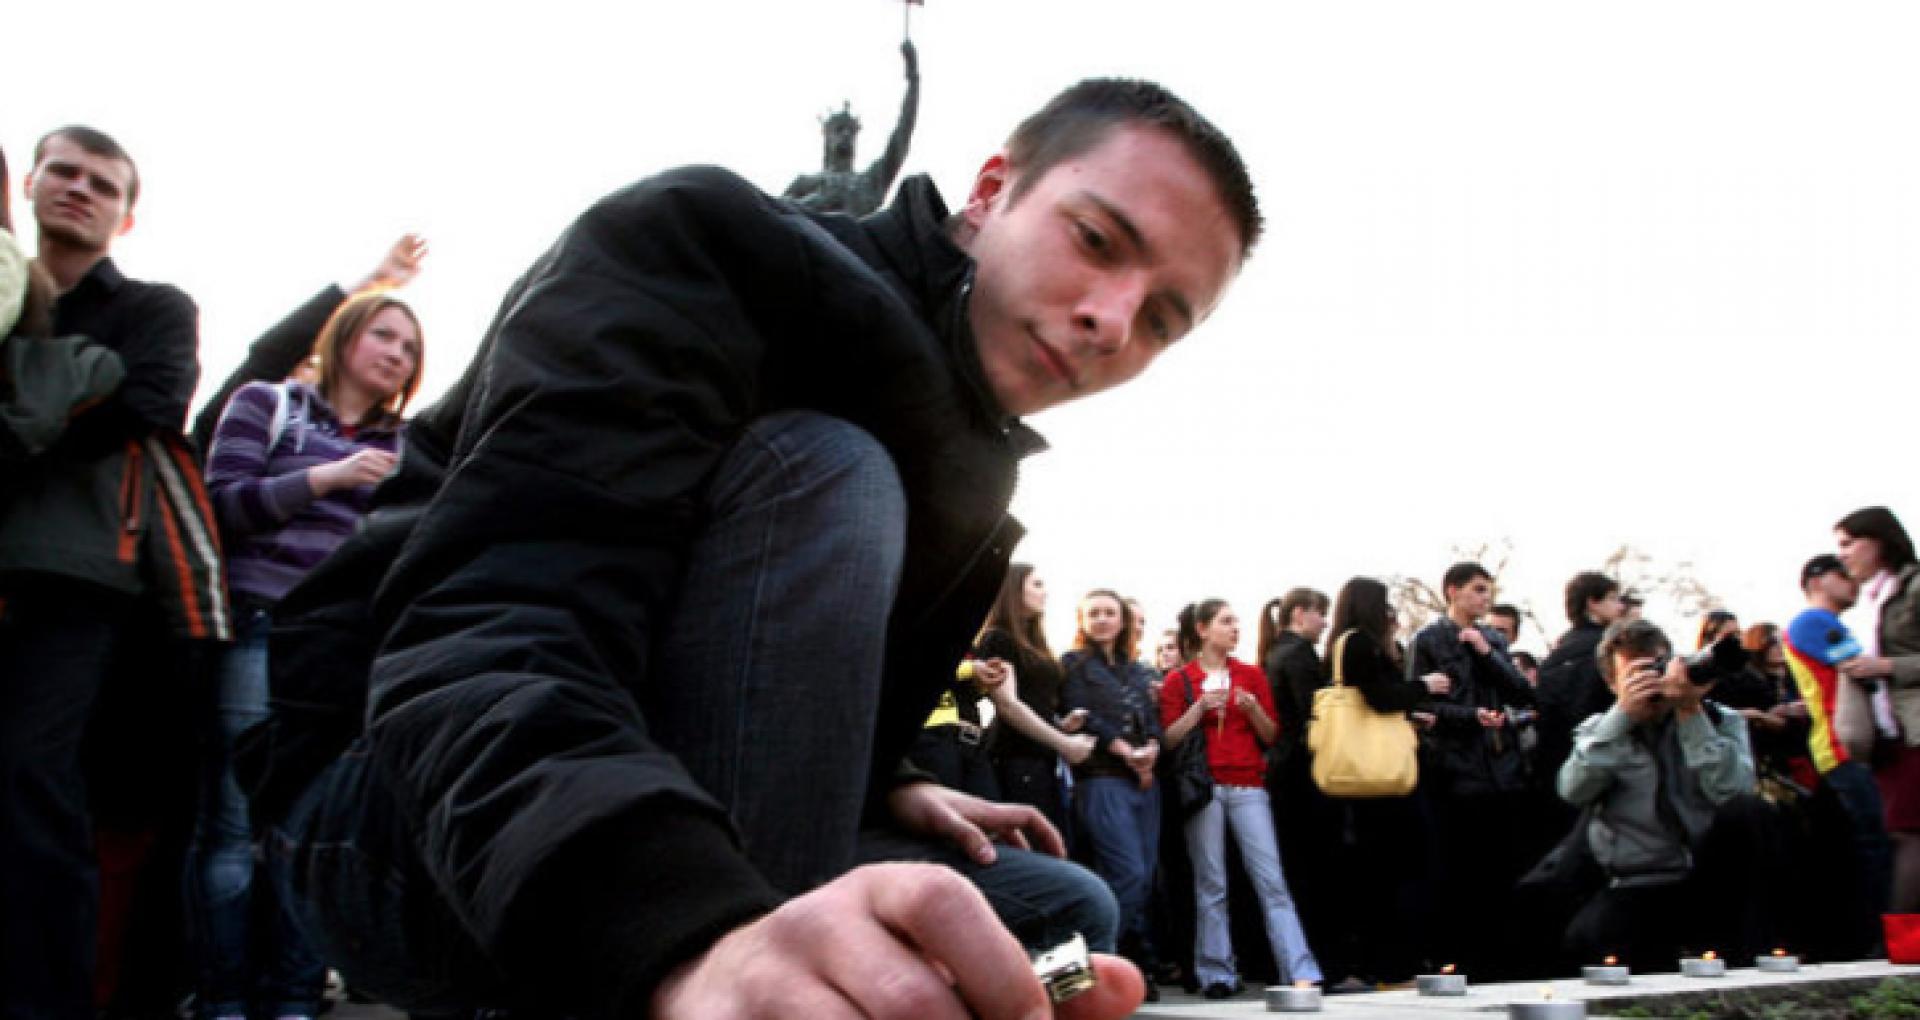 Președinta R. Moldova, Maia Sandu, despre evenimentele din 7 aprilie 2009: Lipsa dreptății și clarității doare, ne stă laț în jurul gâtului